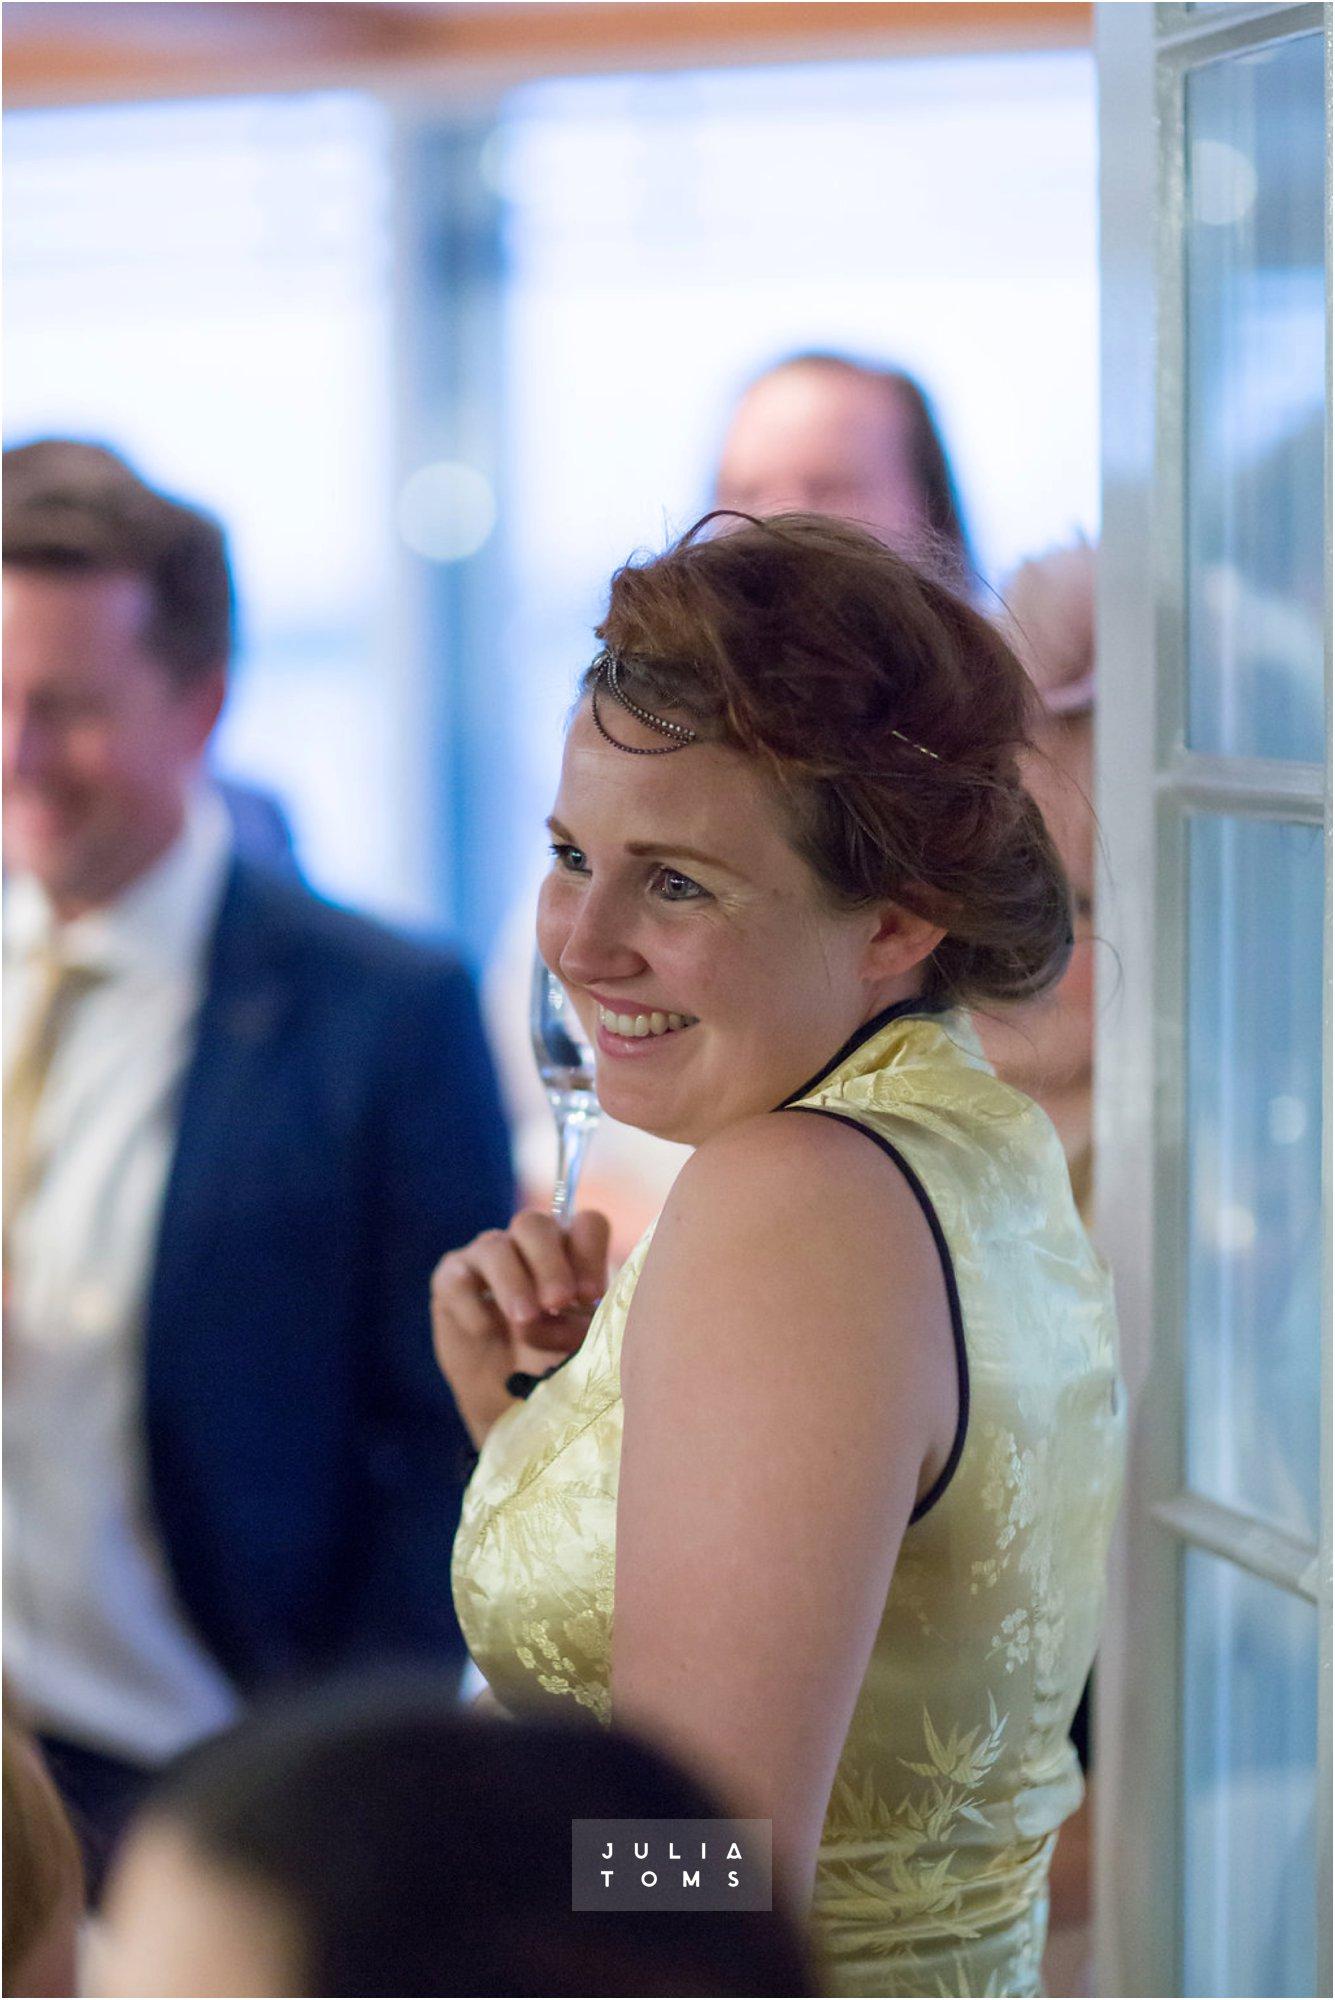 itchenor_wedding_chichester_photographer_081.jpg